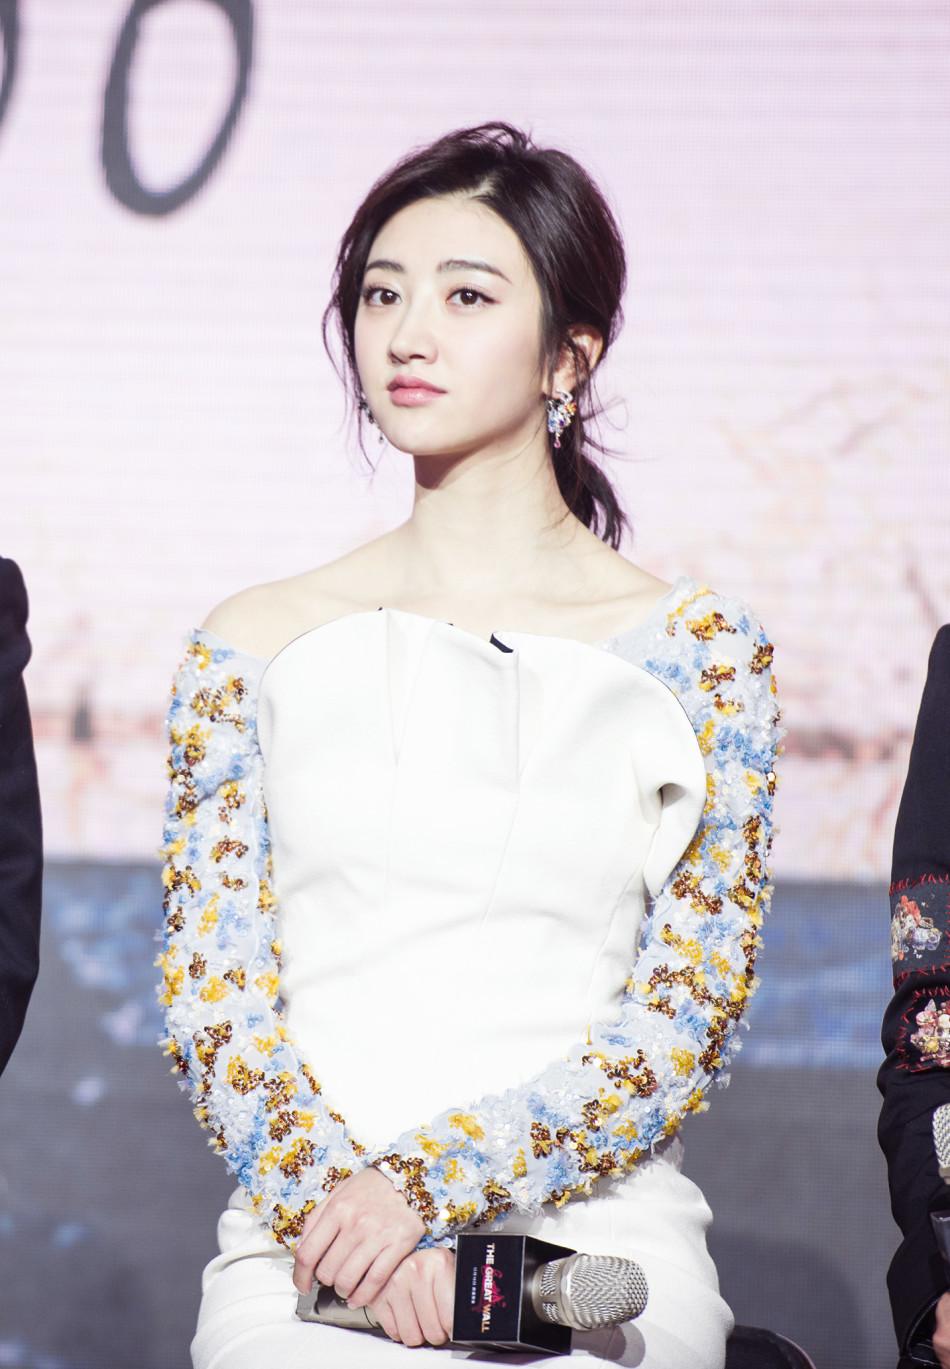 景甜出席《长城》发布会 高定白裙美又仙